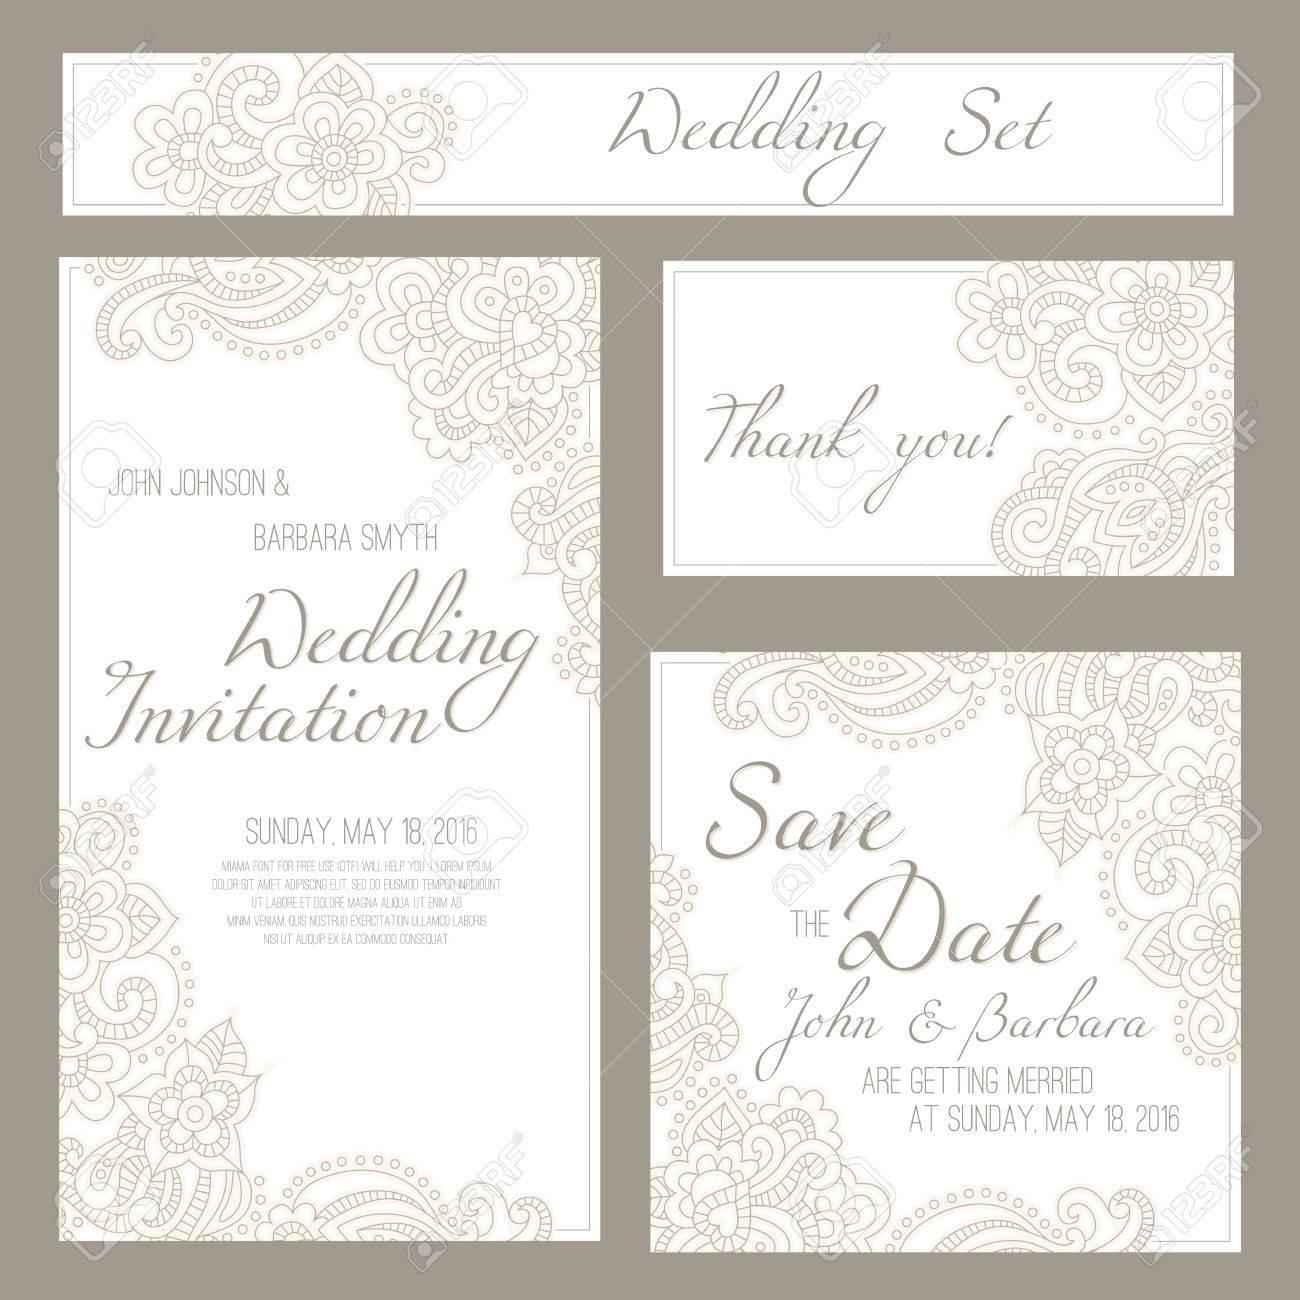 Conjunto De Tarjetas De Boda Invitación O Aniversario Con Fondo Romántico Floral Y Texto De Ejemplo Tonos Pastel Sutil Y Elegante Ornamento Lineal